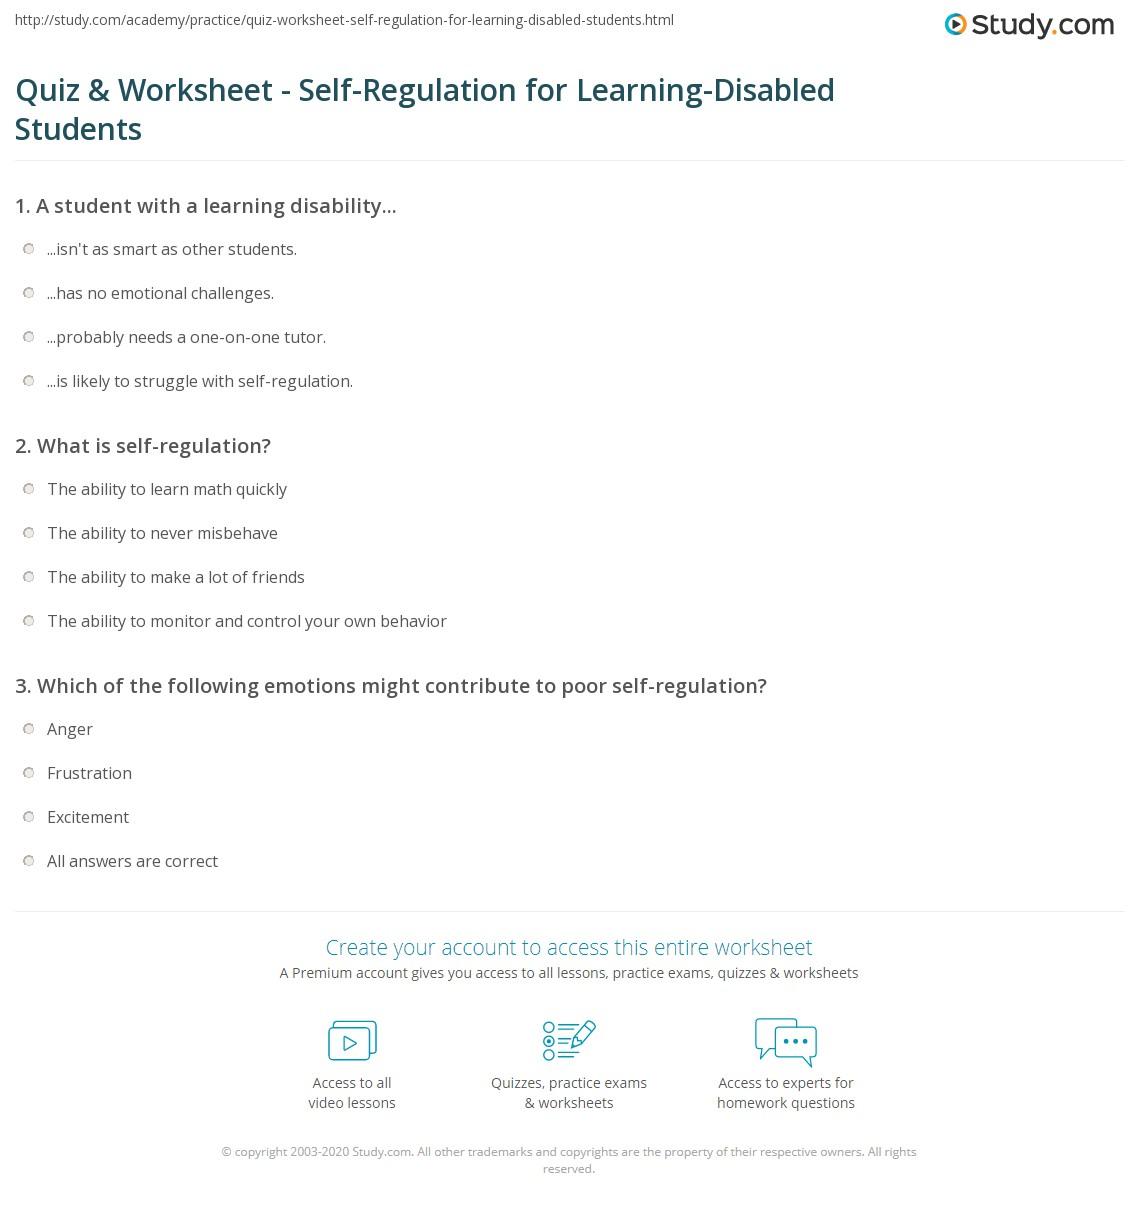 Quiz & Worksheet - Self-Regulation for Learning-Disabled